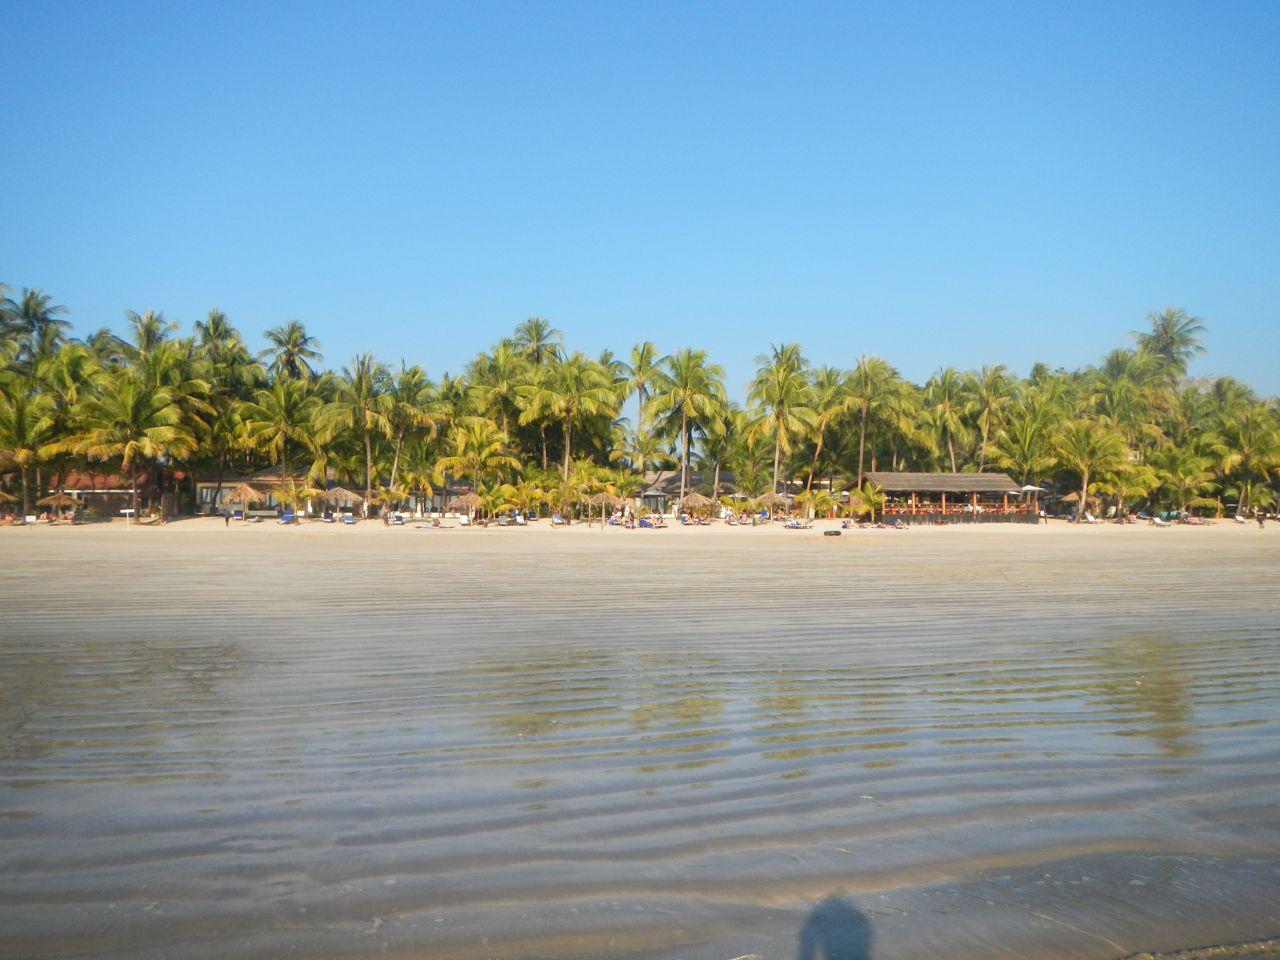 Reise in Myanmar in Asien. Sicht vom Meer aus an den Sandstrand von Ngapali mit vereinzelten Liegestühlen und Strandlokalen